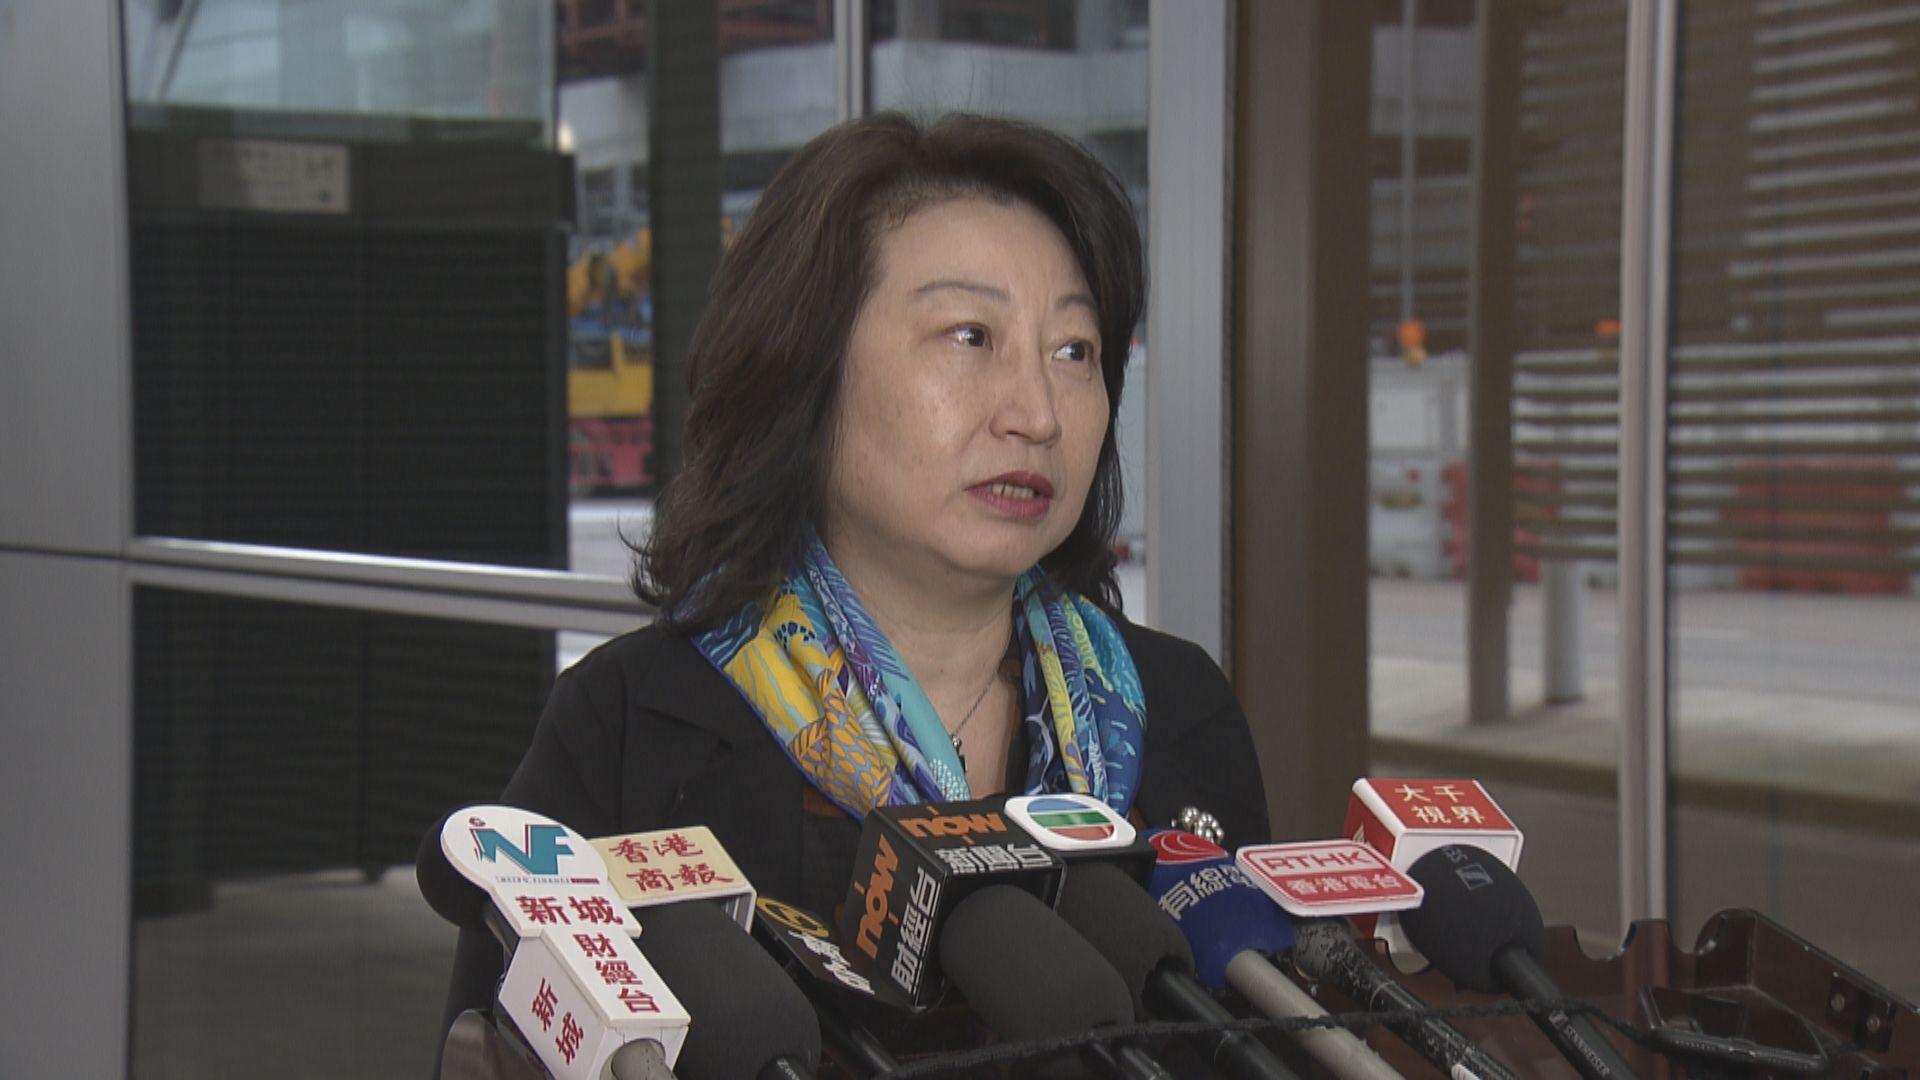 鄭若驊:年齡非檢控決定唯一因素 不能隨意撤控